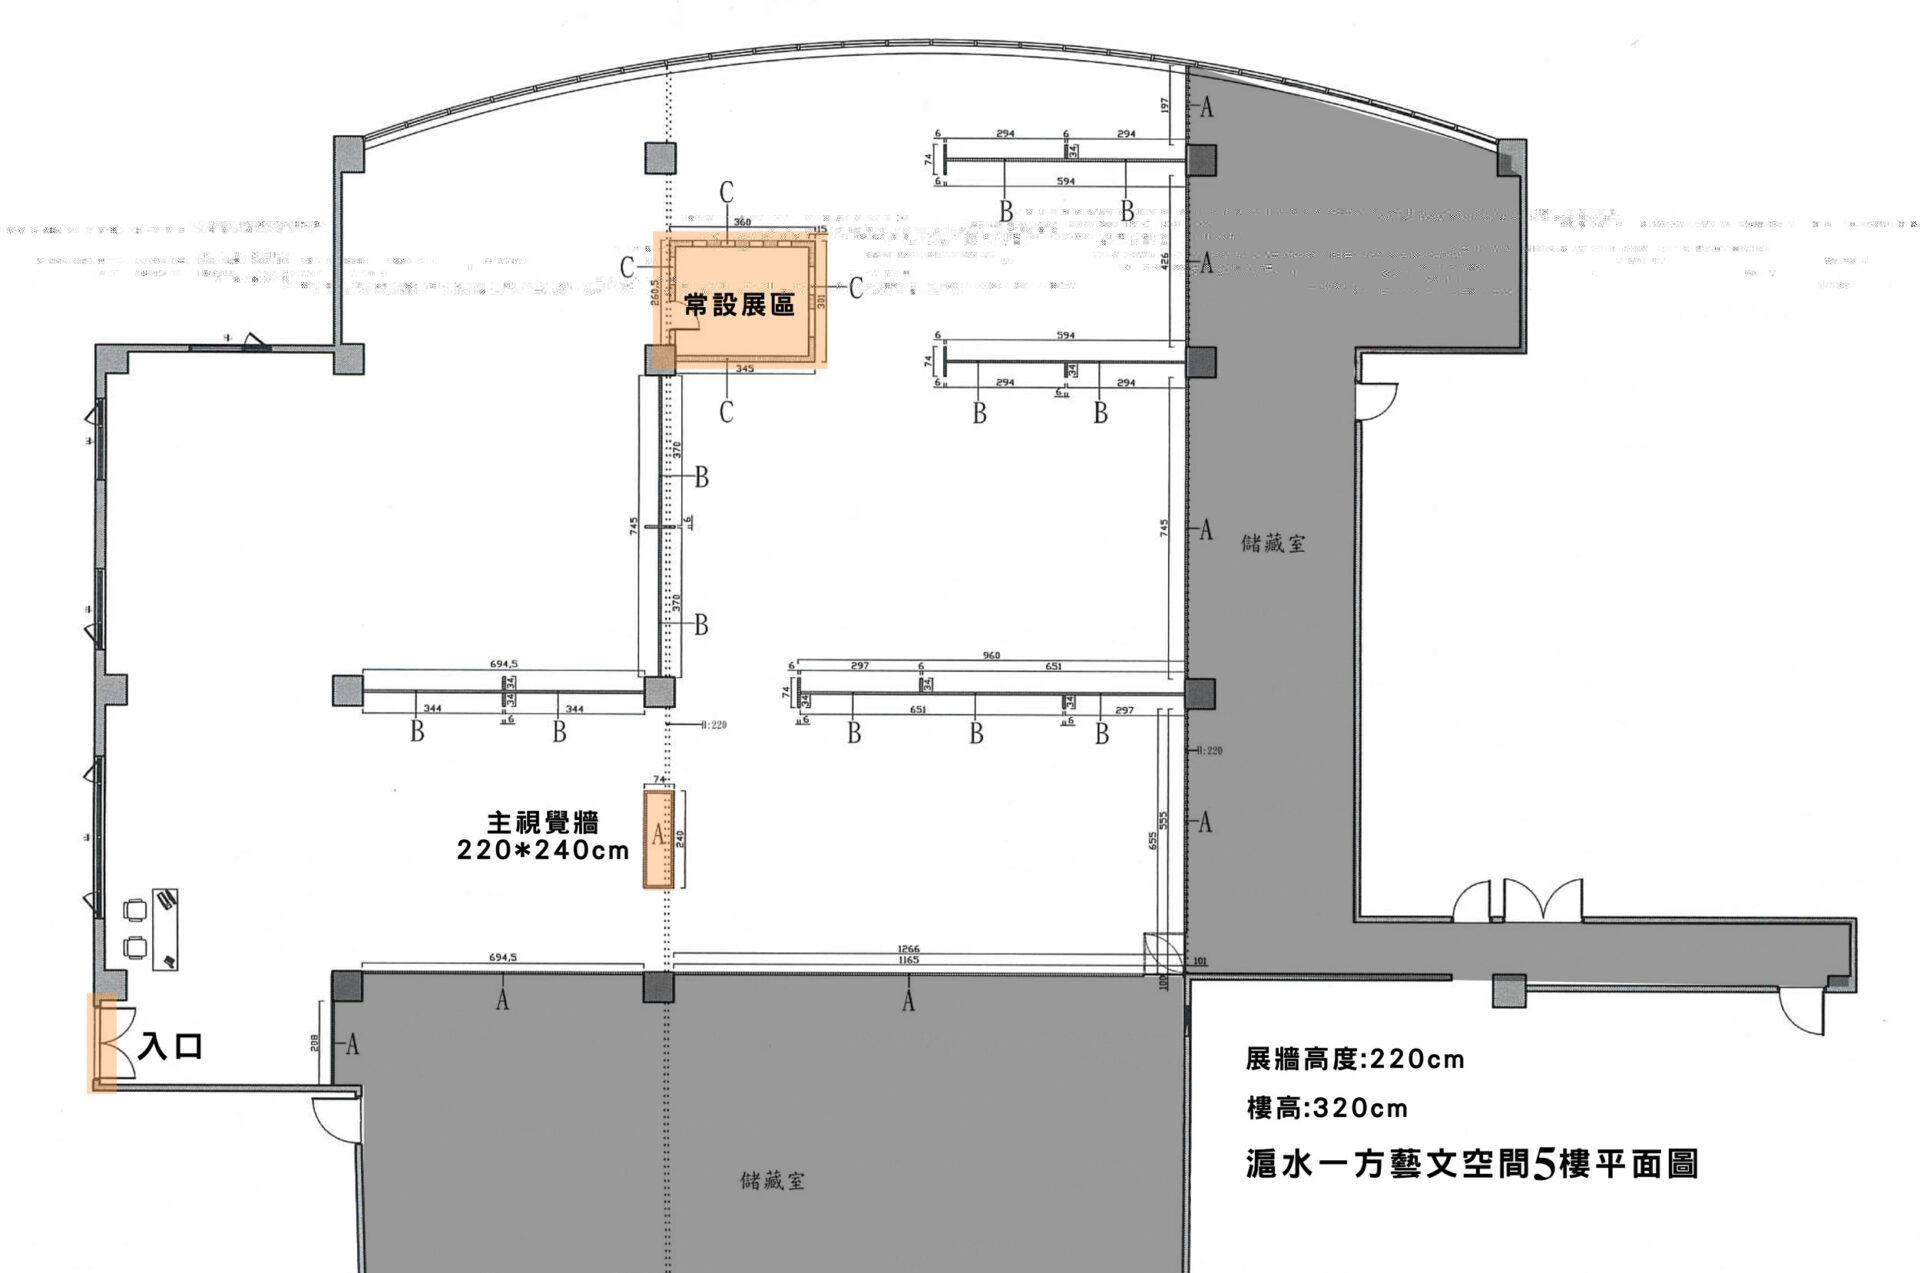 新北市立淡水古蹟博物館:2020/10/21【新北市立淡水古蹟博物館受理展覽申請】